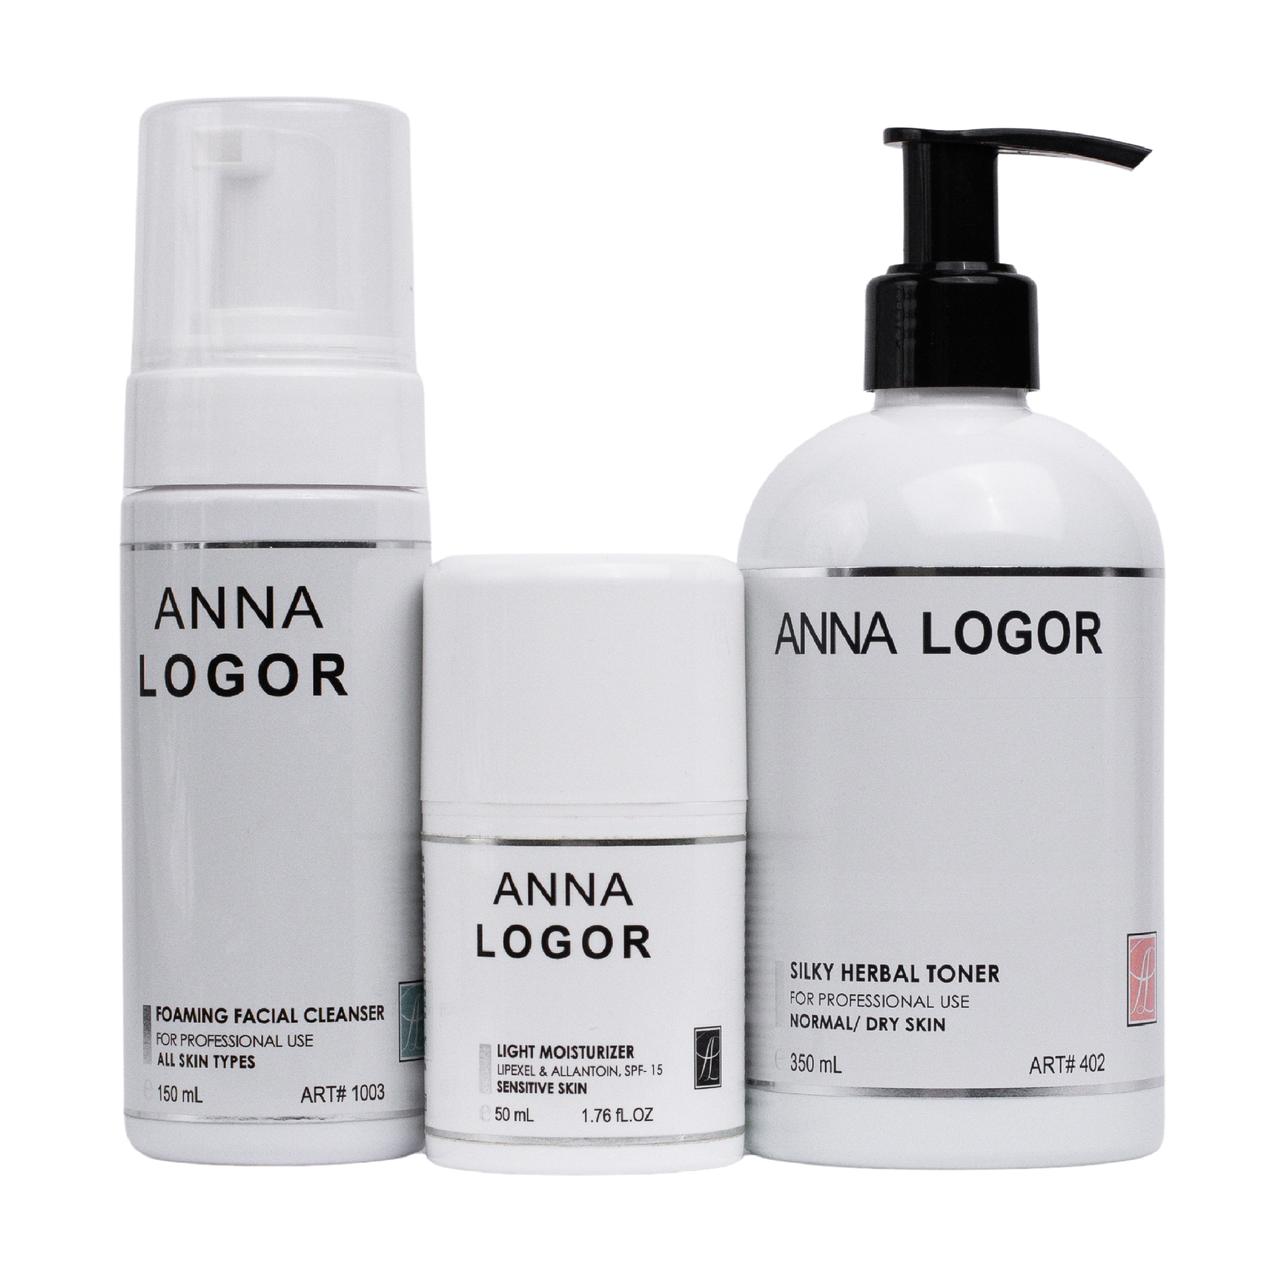 Набір косметики Anna LOGOR Silky Herbal Moisturizer Kit. Серія для обличчя для чутливої шкіри